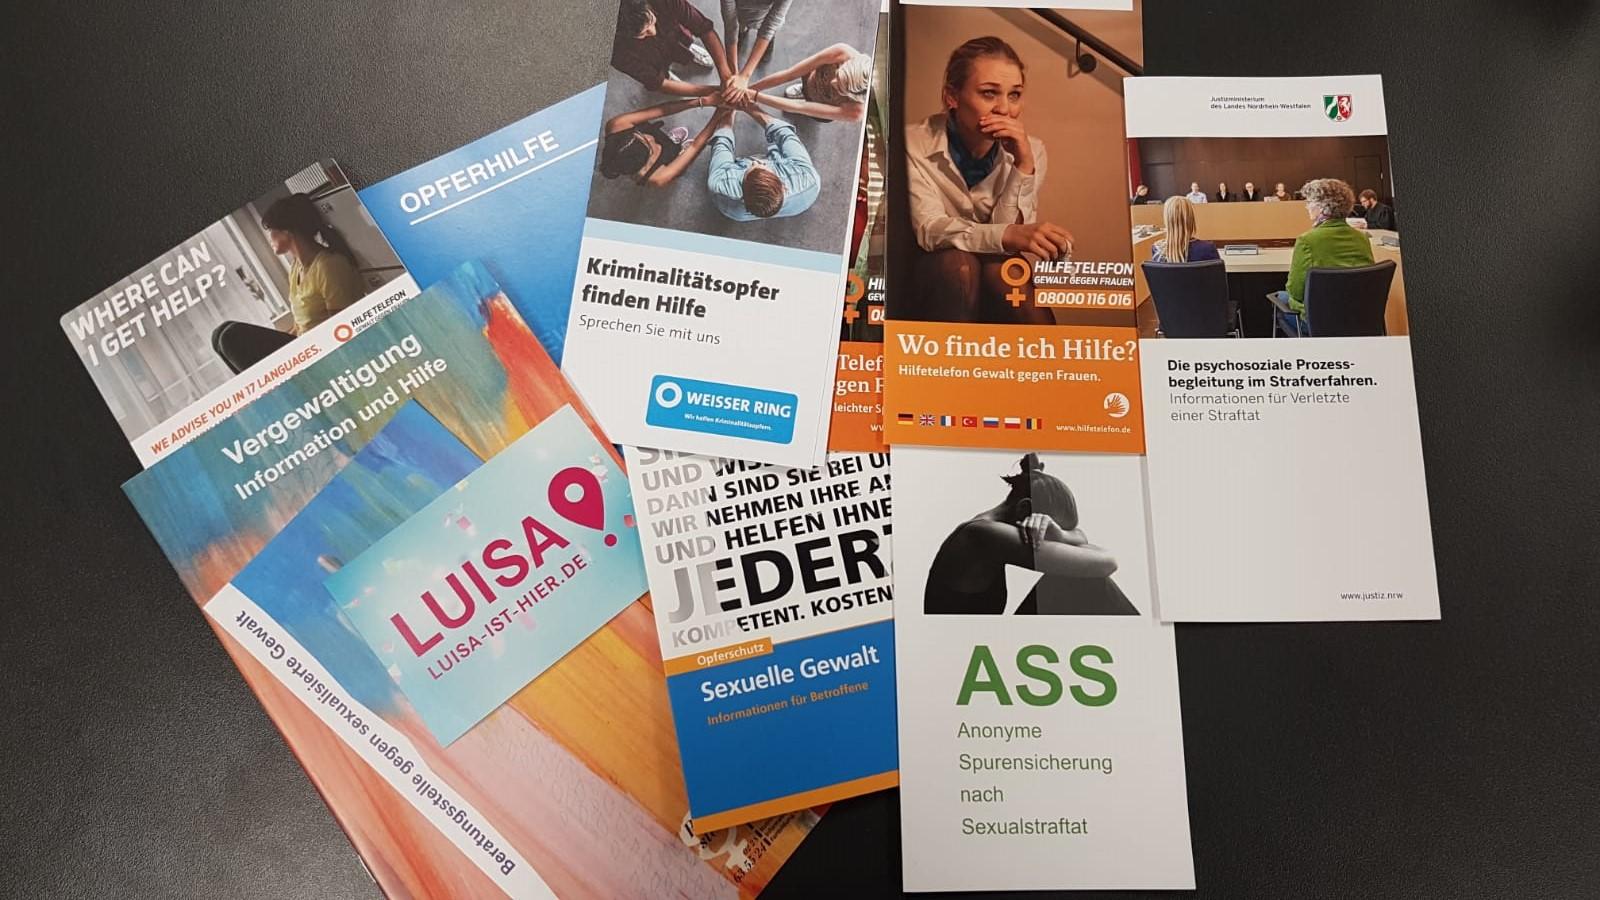 Kriminalhauptkommissarin Irmgard Küsters vom Opferschutz Bonn über Anlaufstellen für Opfer von Sexualstraftaten